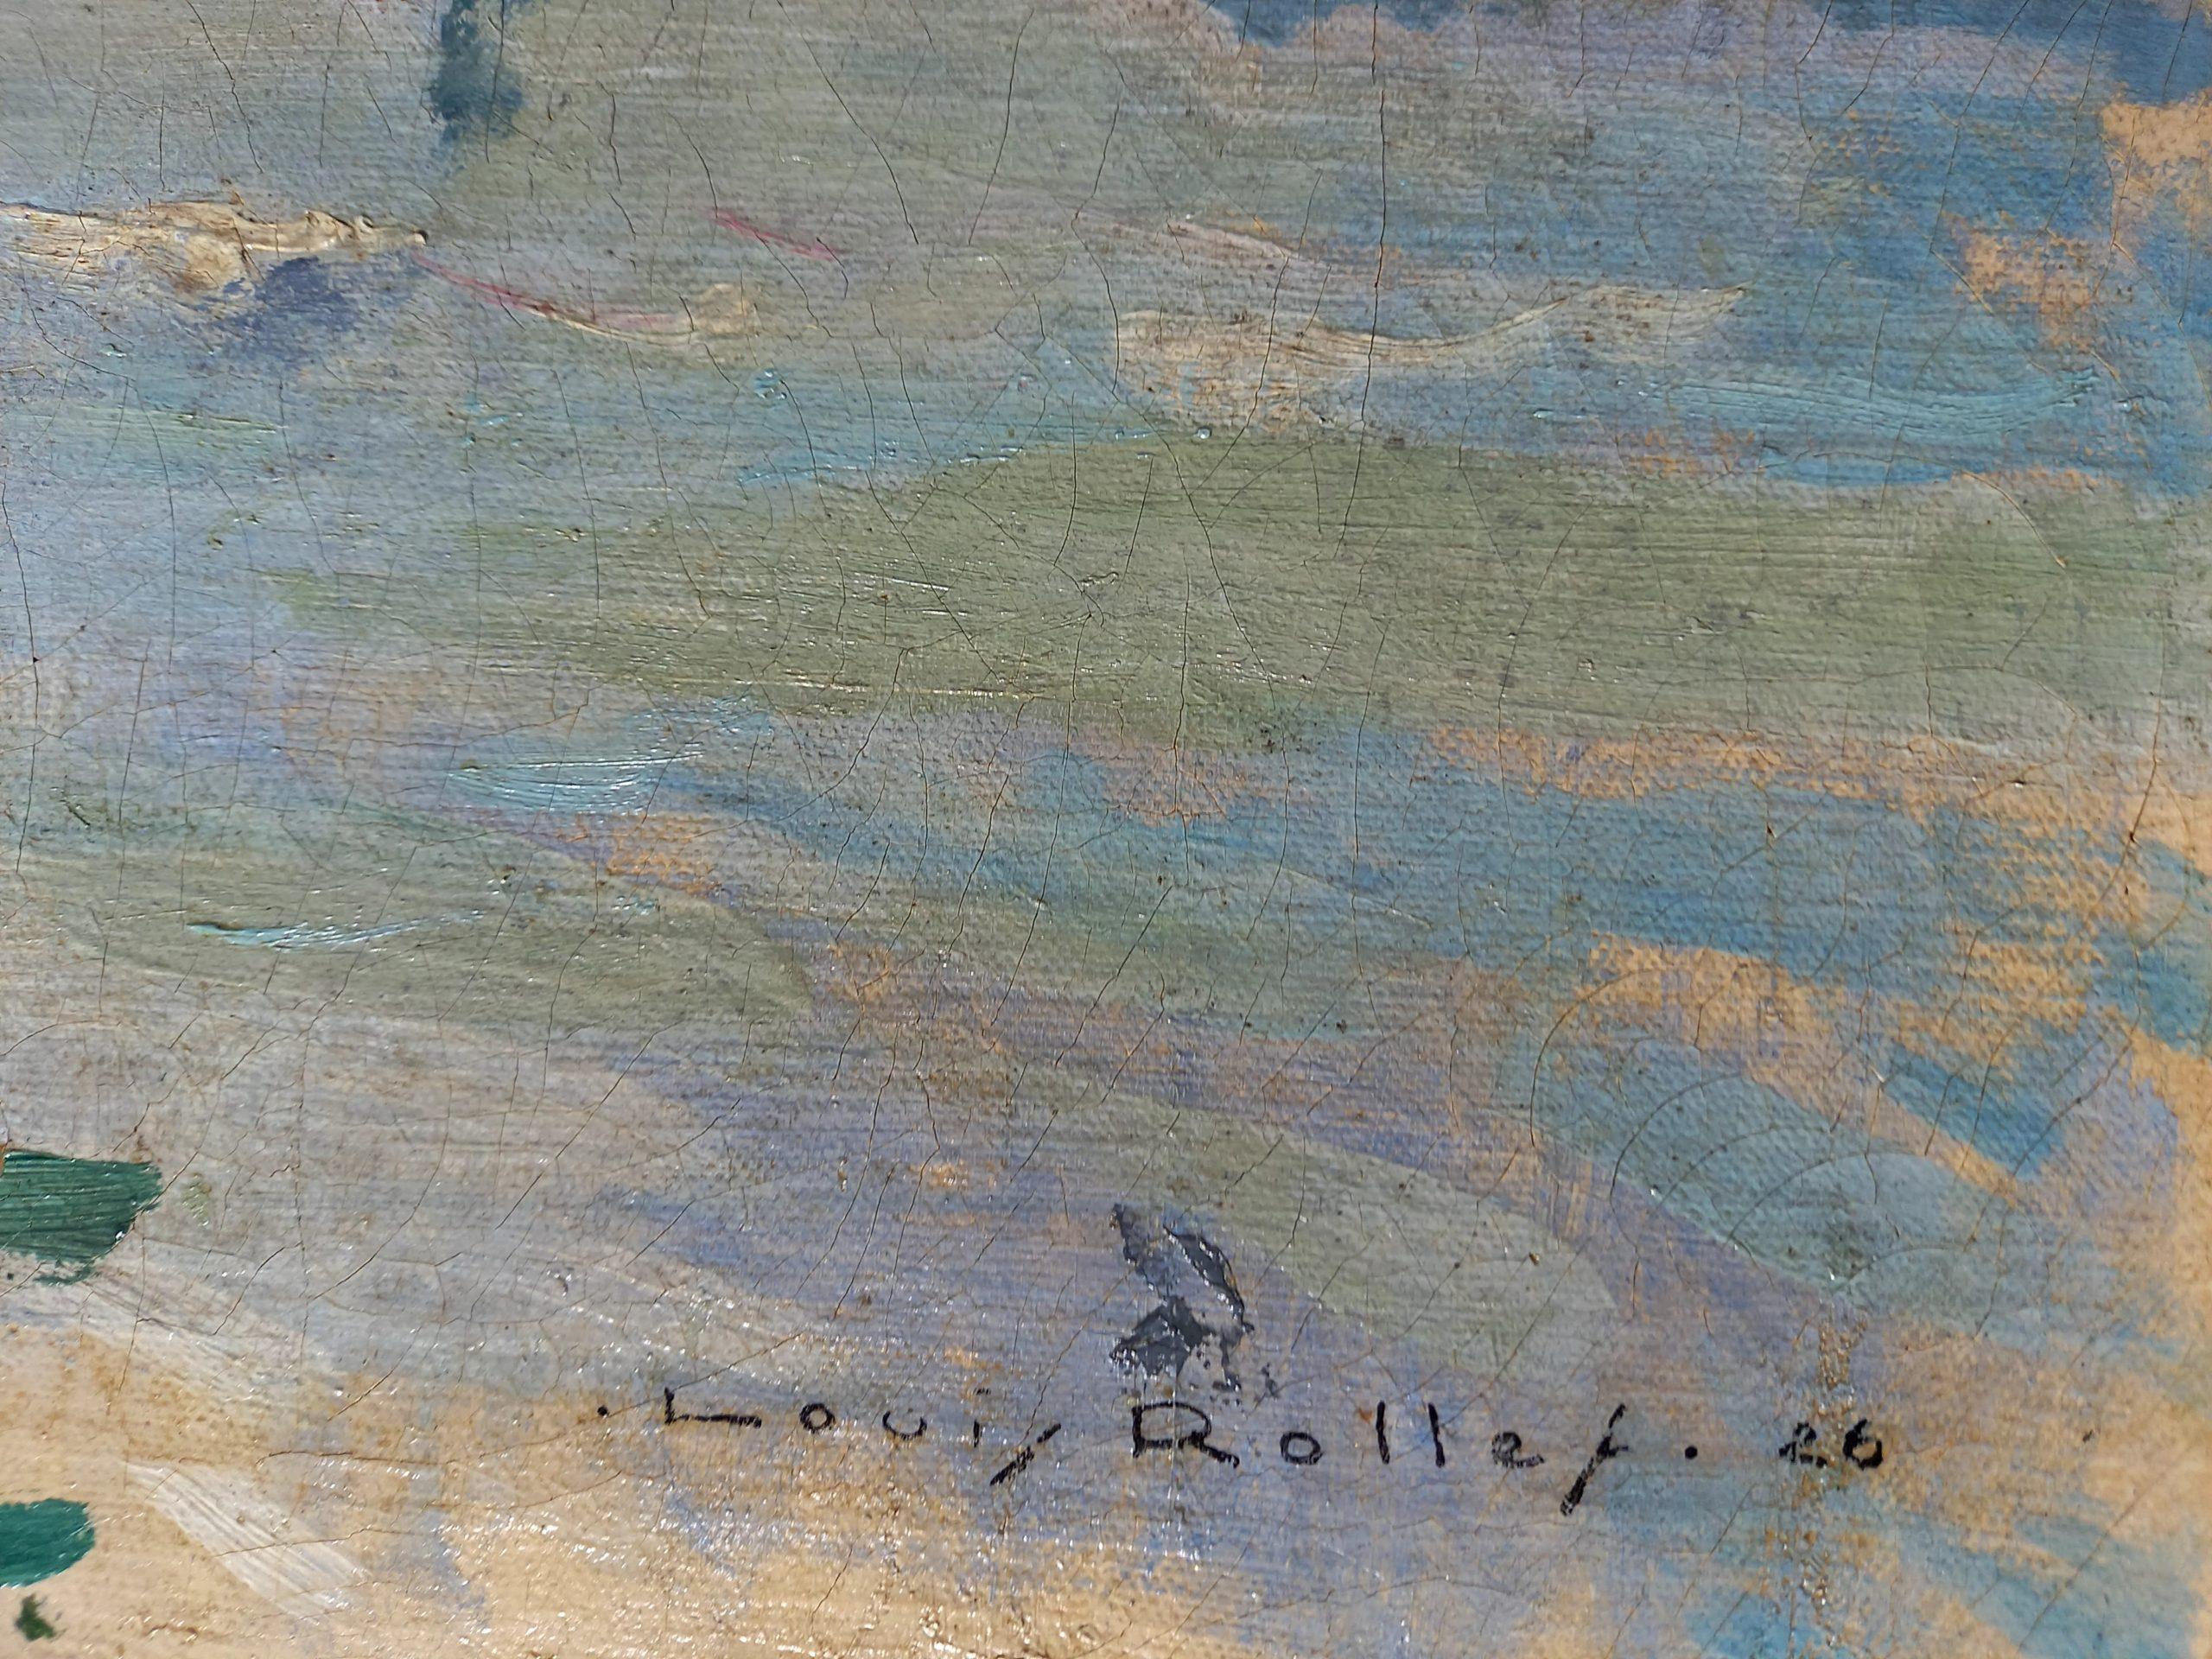 rollet-louis-paysage-a-la-barque-signature